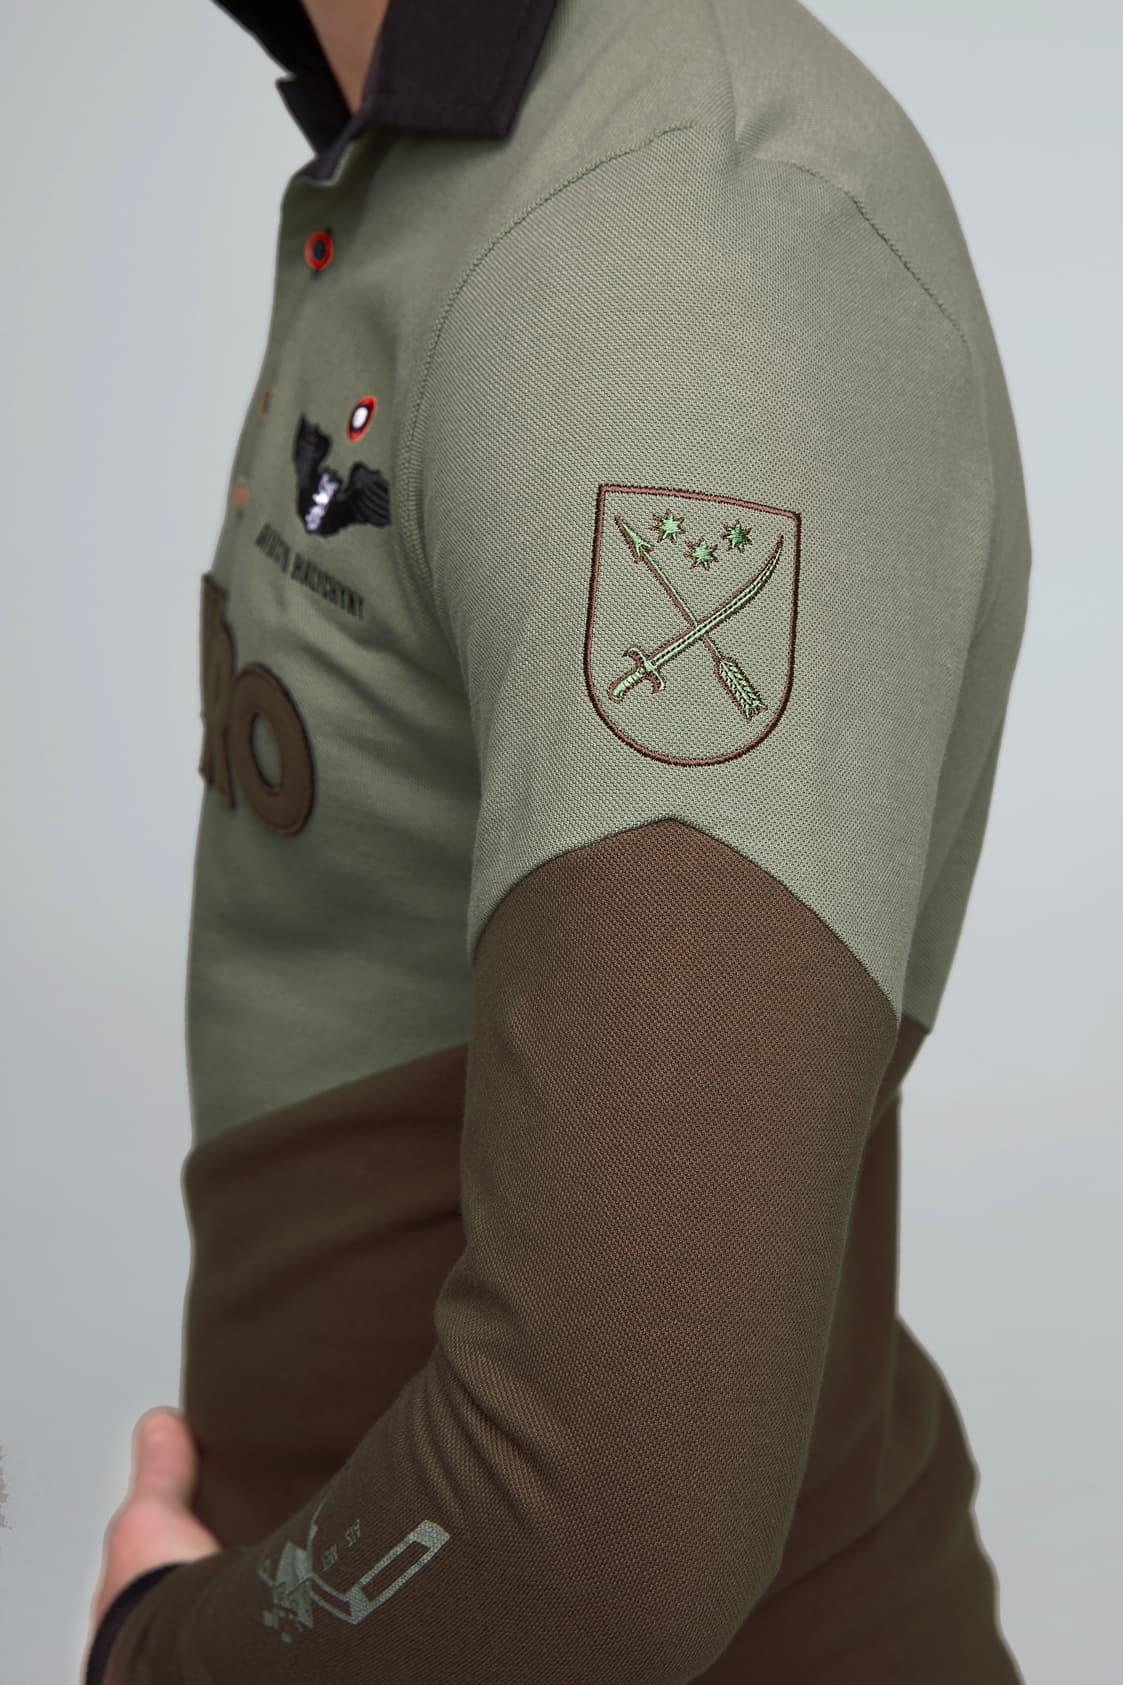 Жіноче Поло-Лонґ Dnipro. Колір зелений.  Технологія нанесення зображень: вишивка, шовкодрук.